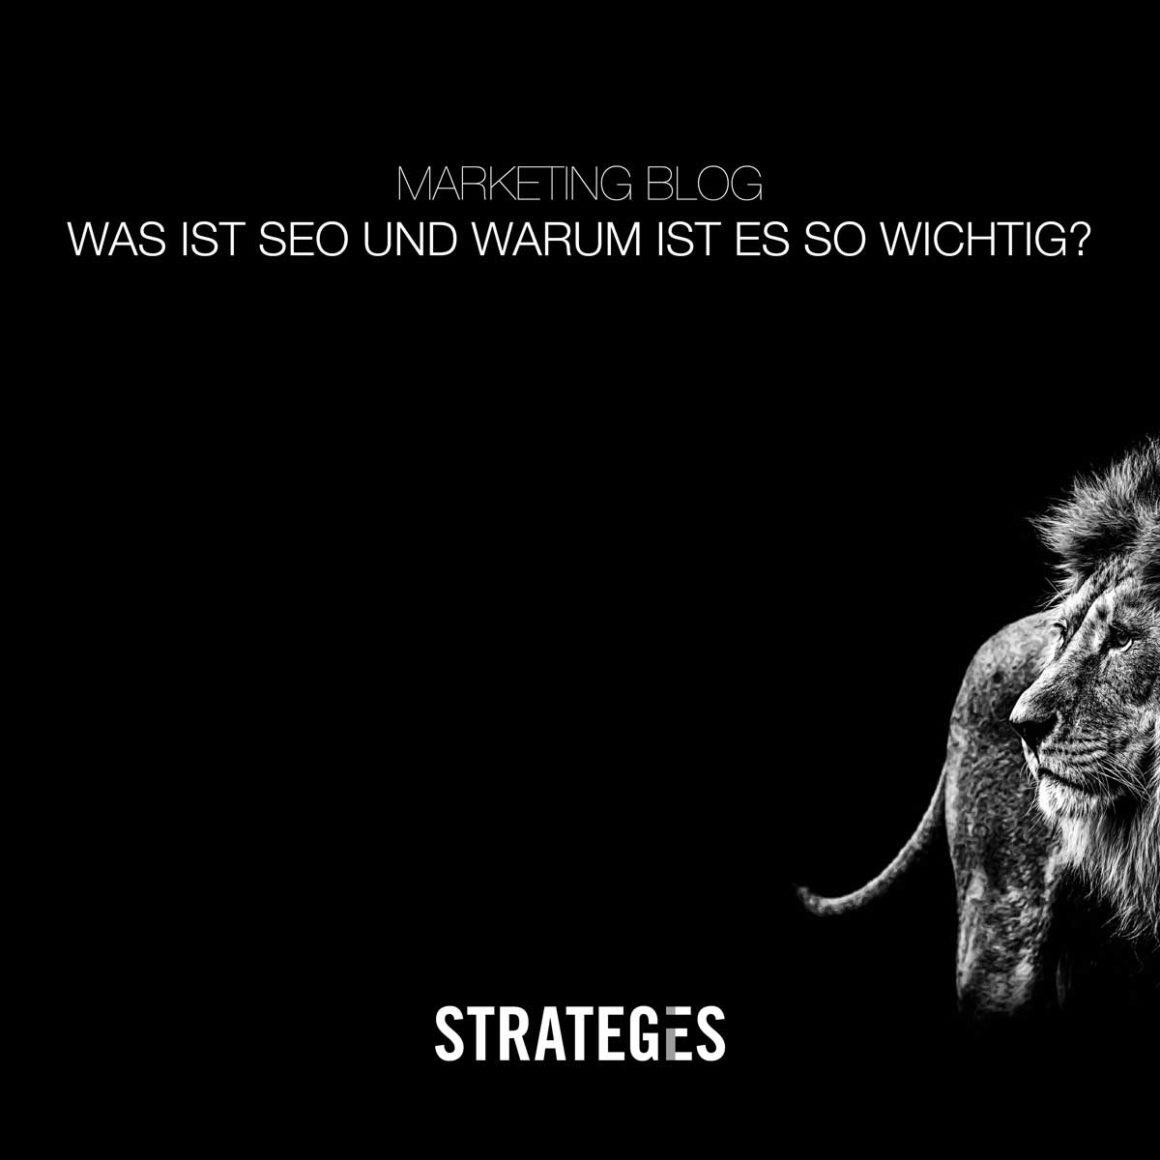 Marketing Blog STRATEGIES Was ist SEO und warum ist es so wichtig